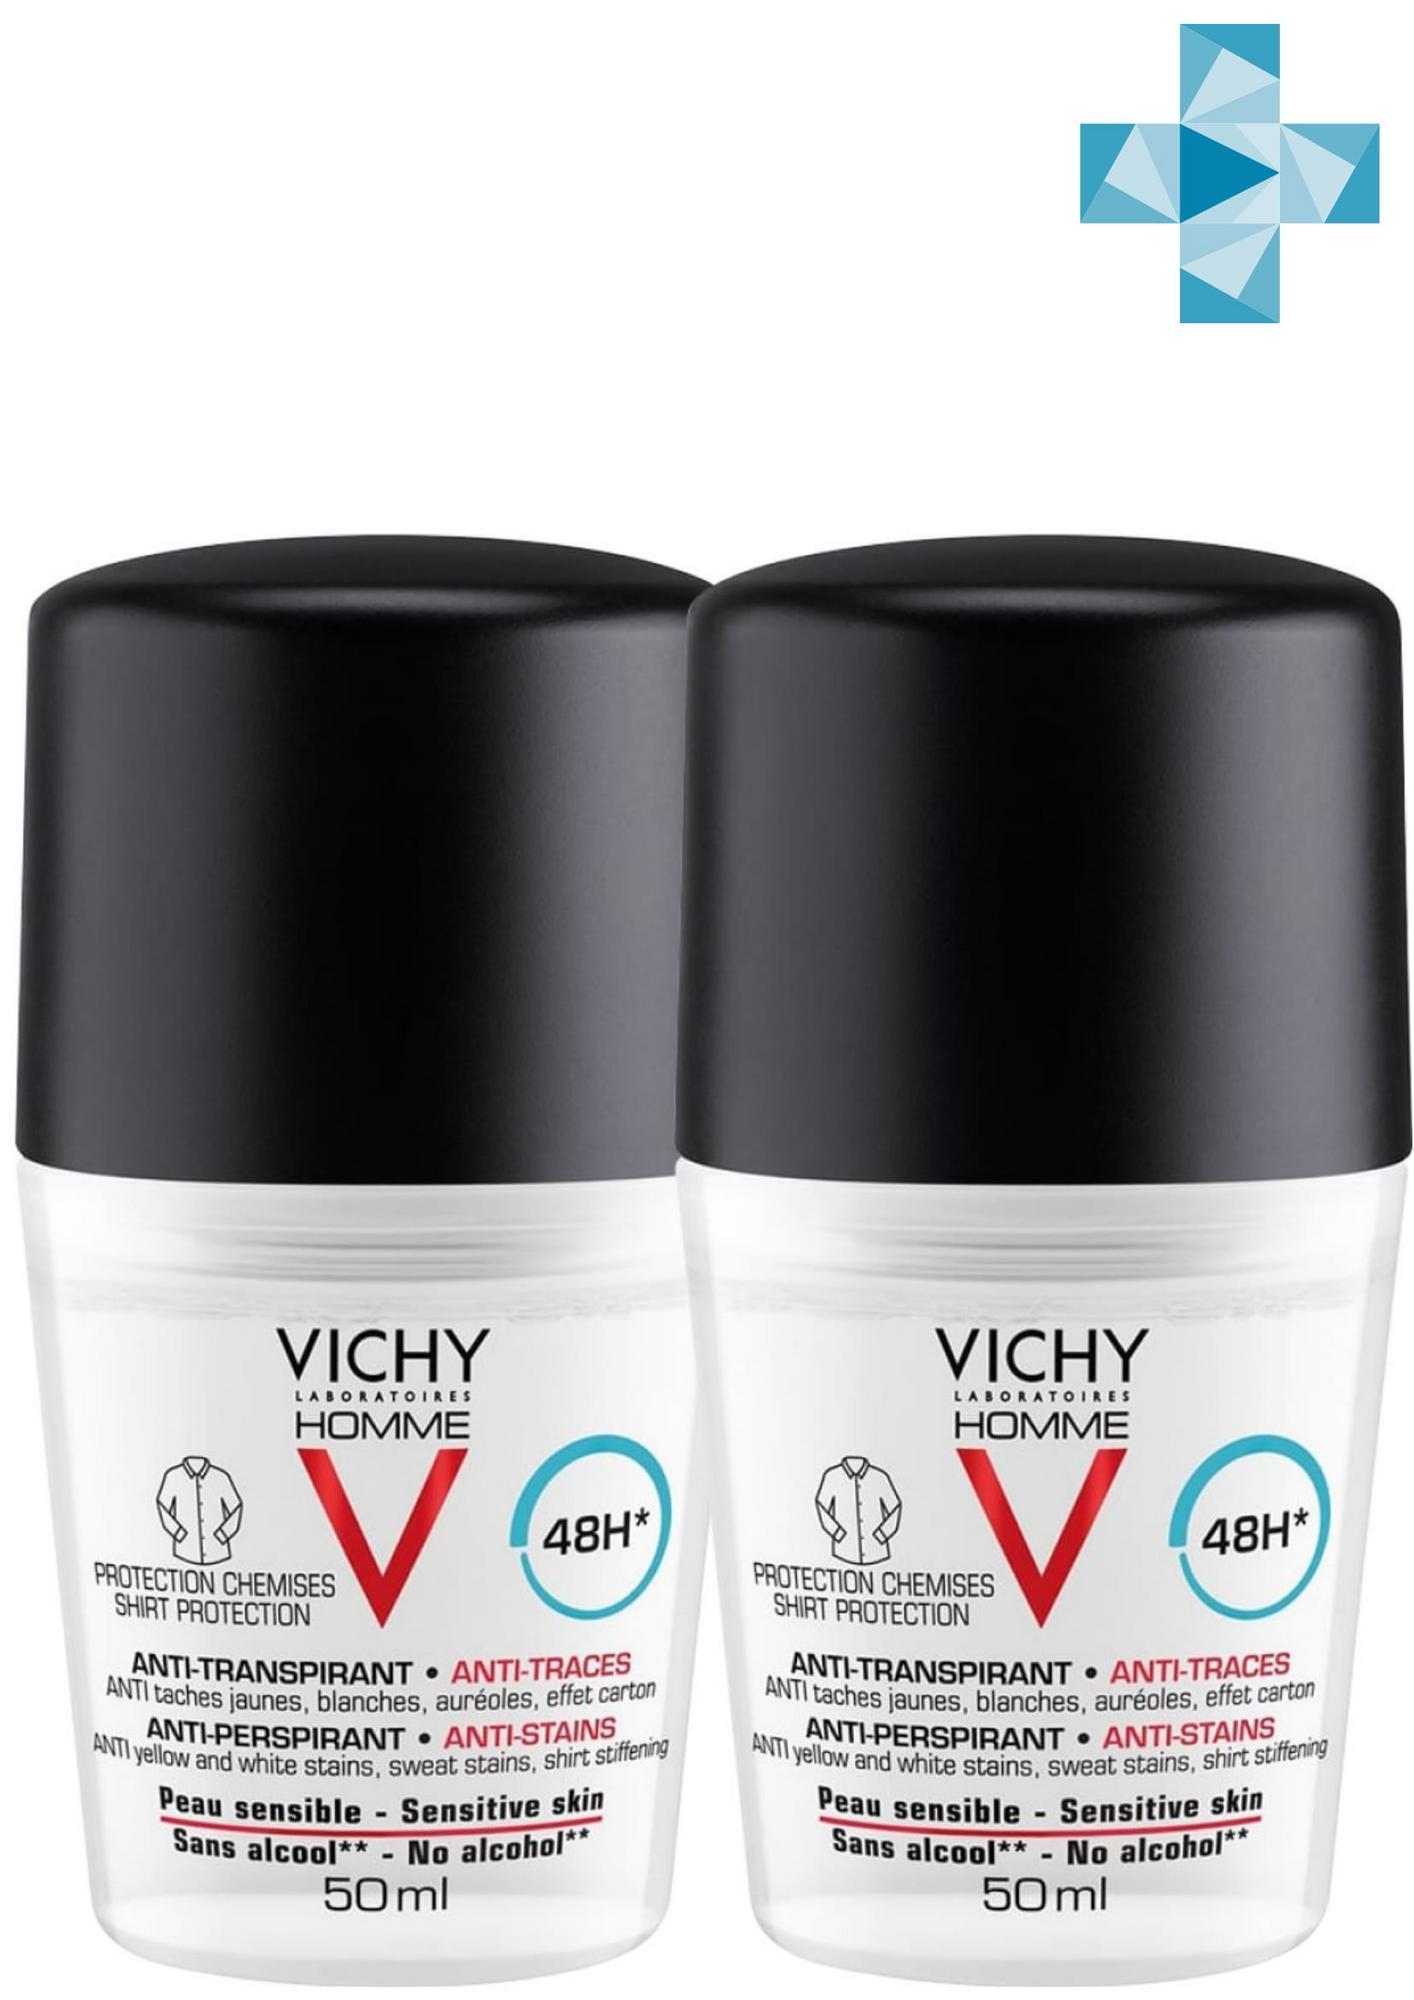 Купить Vichy Комплект Минеральный дезодорант против белых и желтых пятен 48 часов свежести, 2 шт. по 50 мл (Vichy, Vichy Homme), Франция